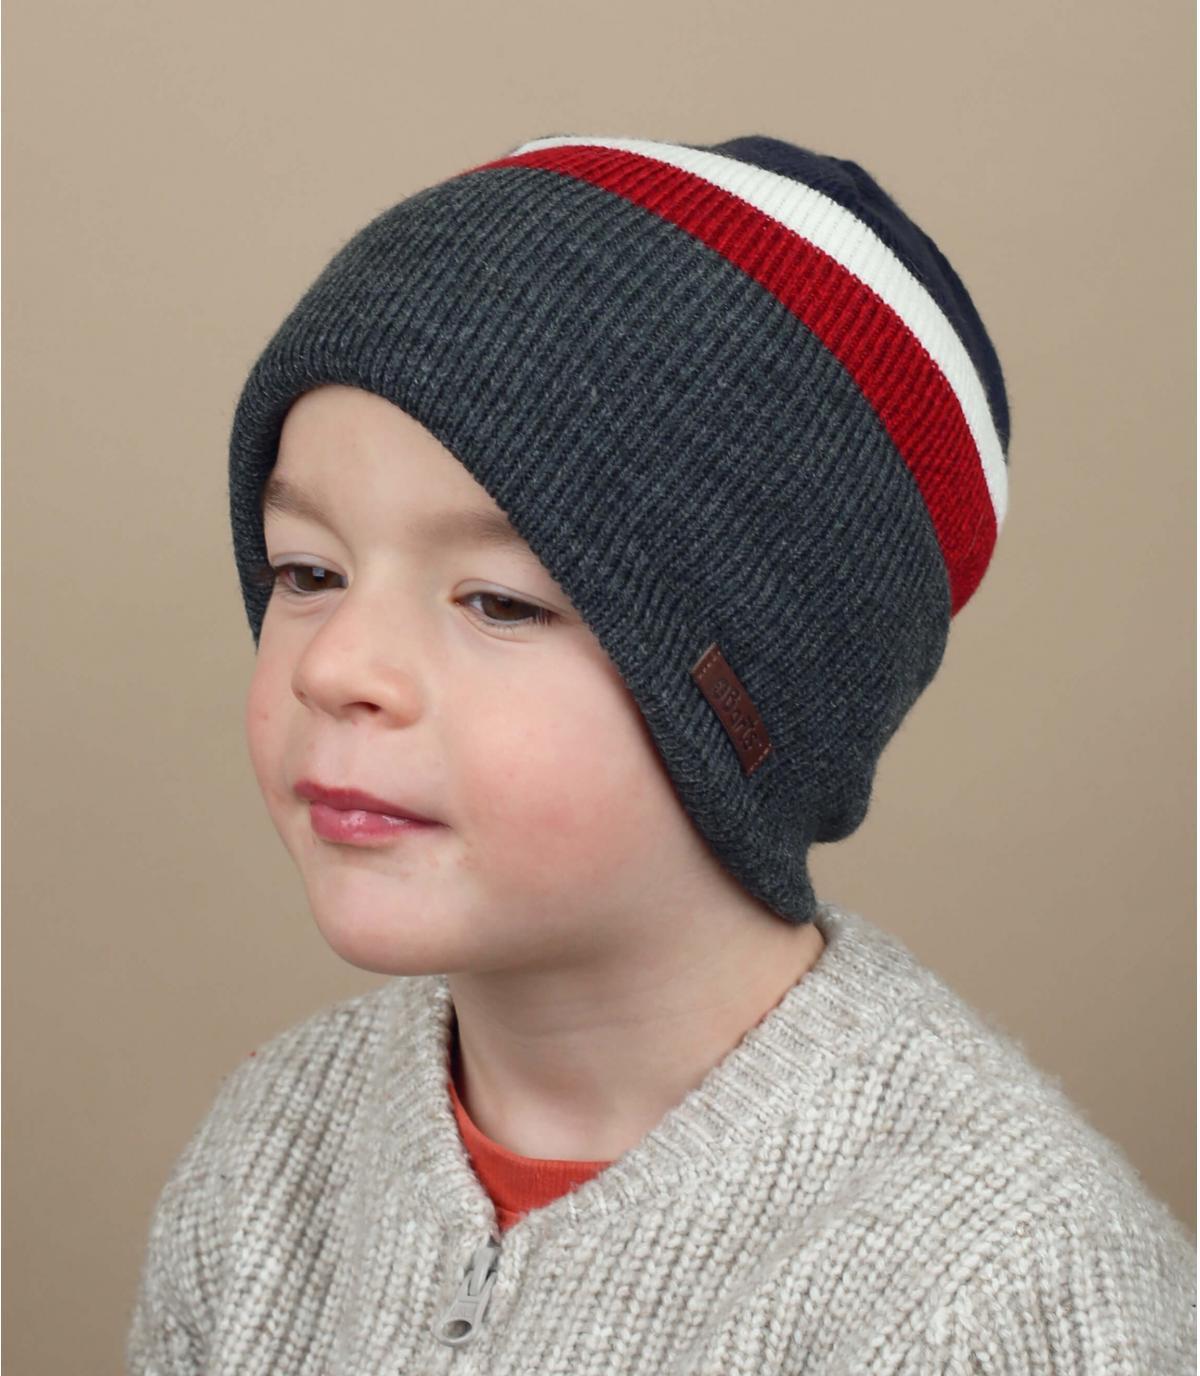 kindermuts blauw grijs rood